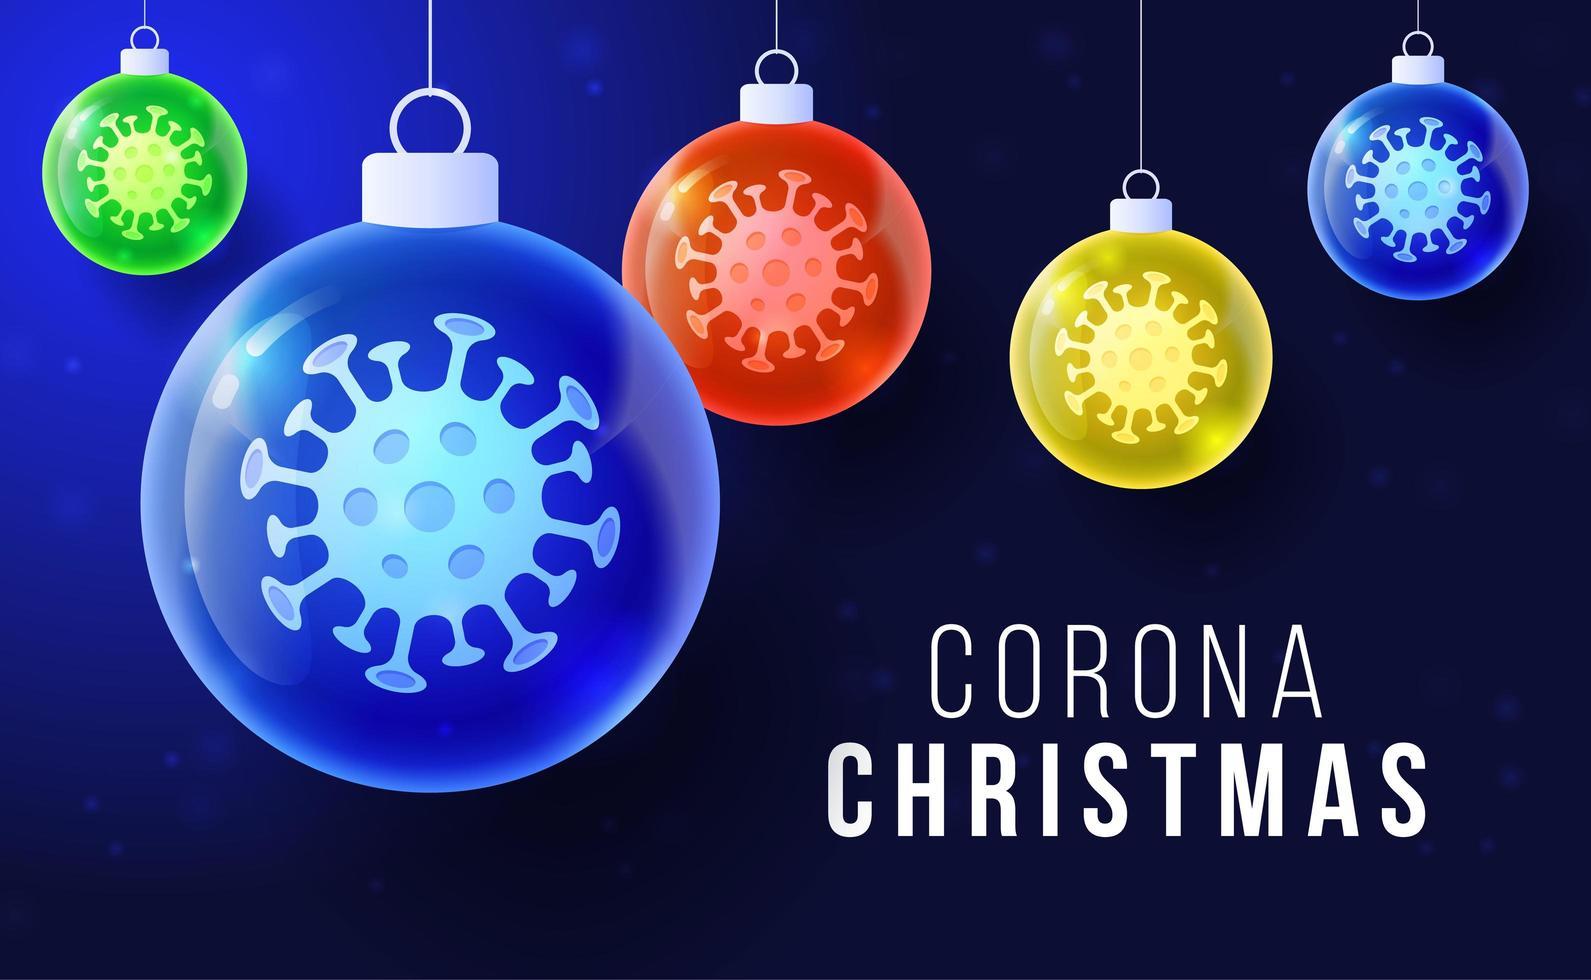 concepto de navidad de coronavirus con adornos de bolas brillantes vector